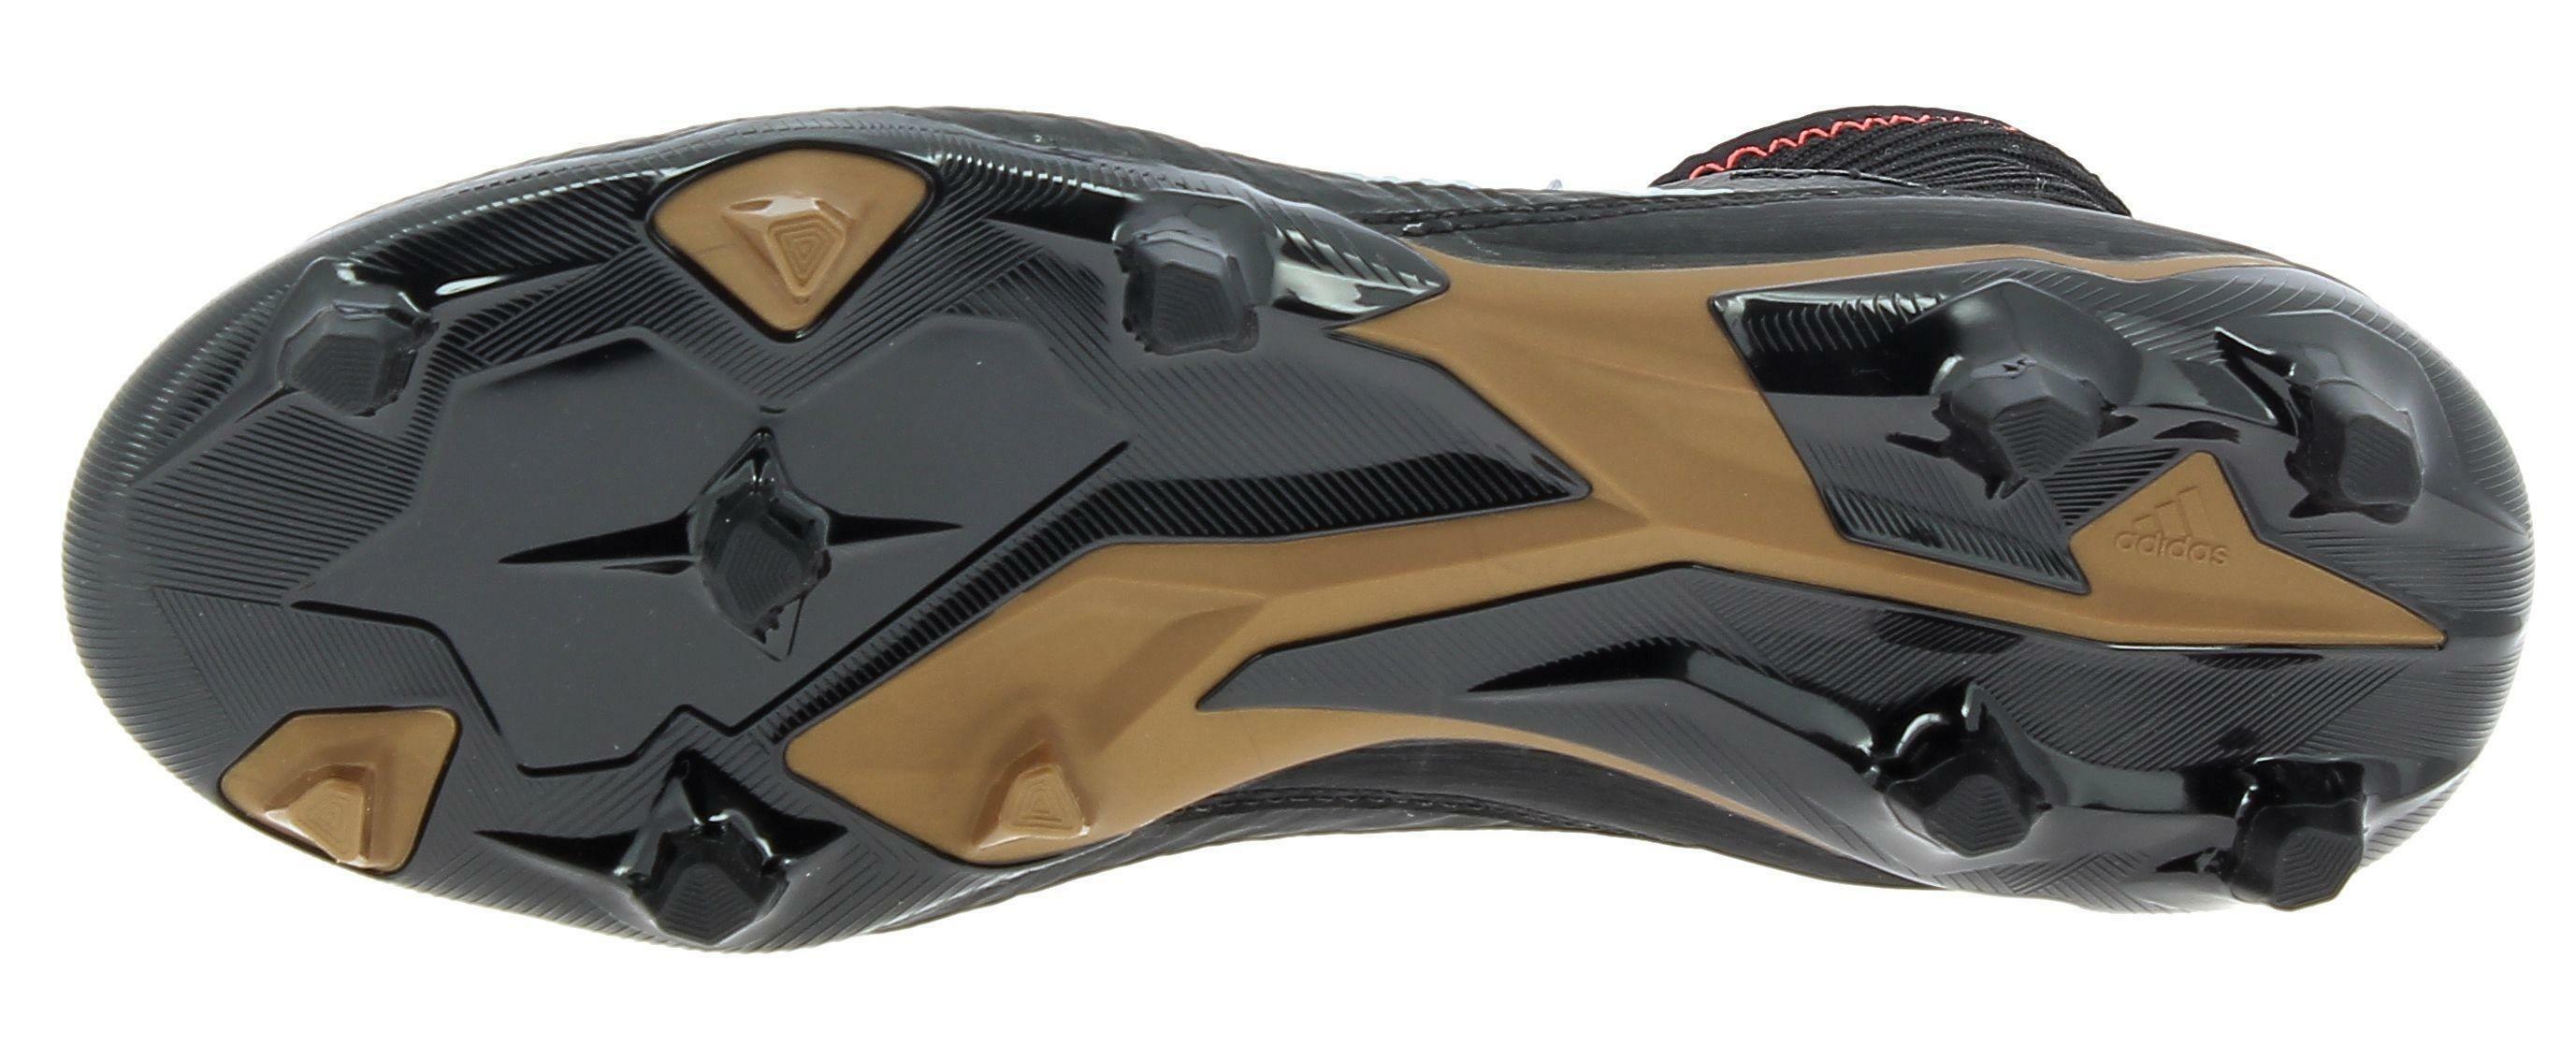 adidas adidas predator 18.3 fg scarpe calcio uomo neri